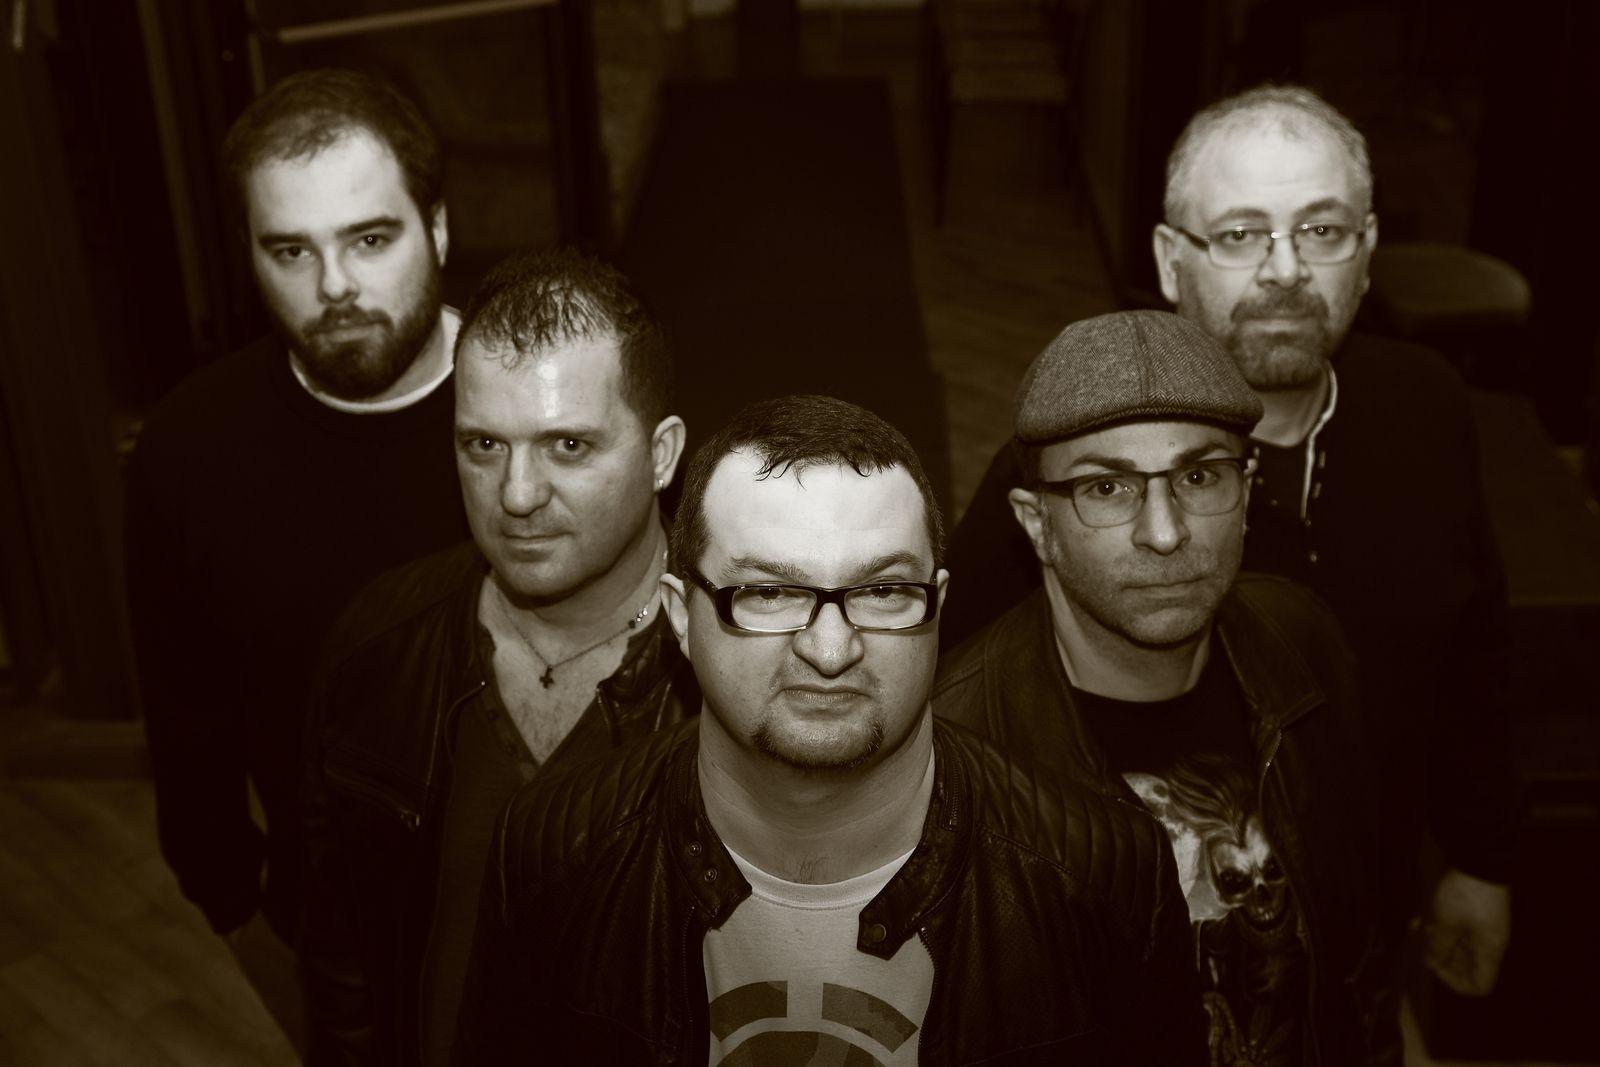 La musica è un importante eredità che va tenuta in vita - Intervista alla band The Story Tellers